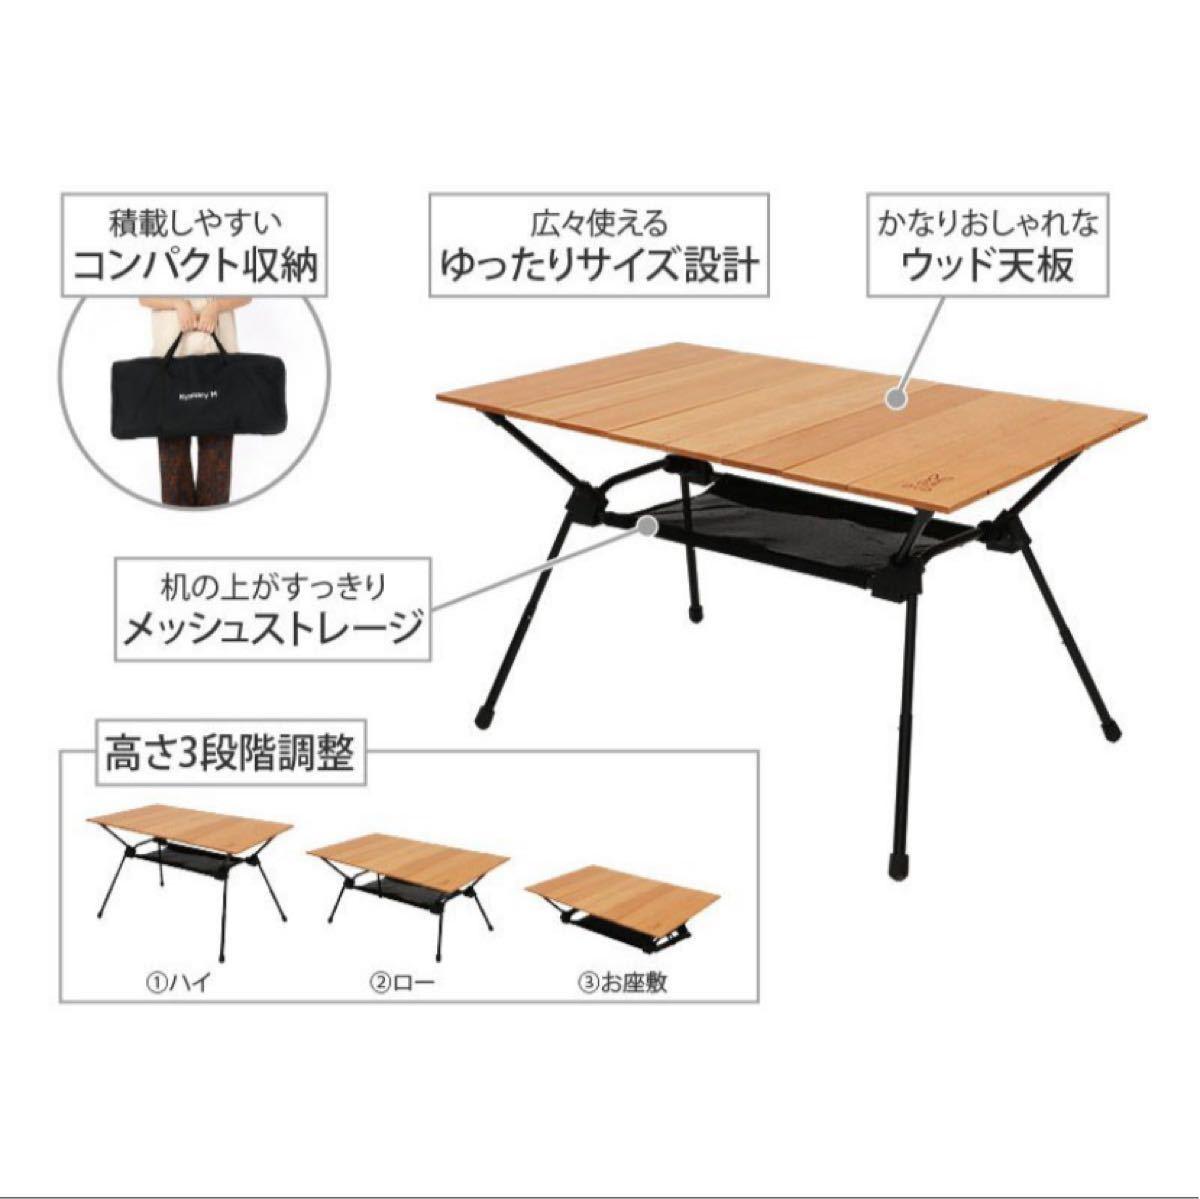 人気★DOD★キャナリーテーブル★TBS-806-WD★室内展示品